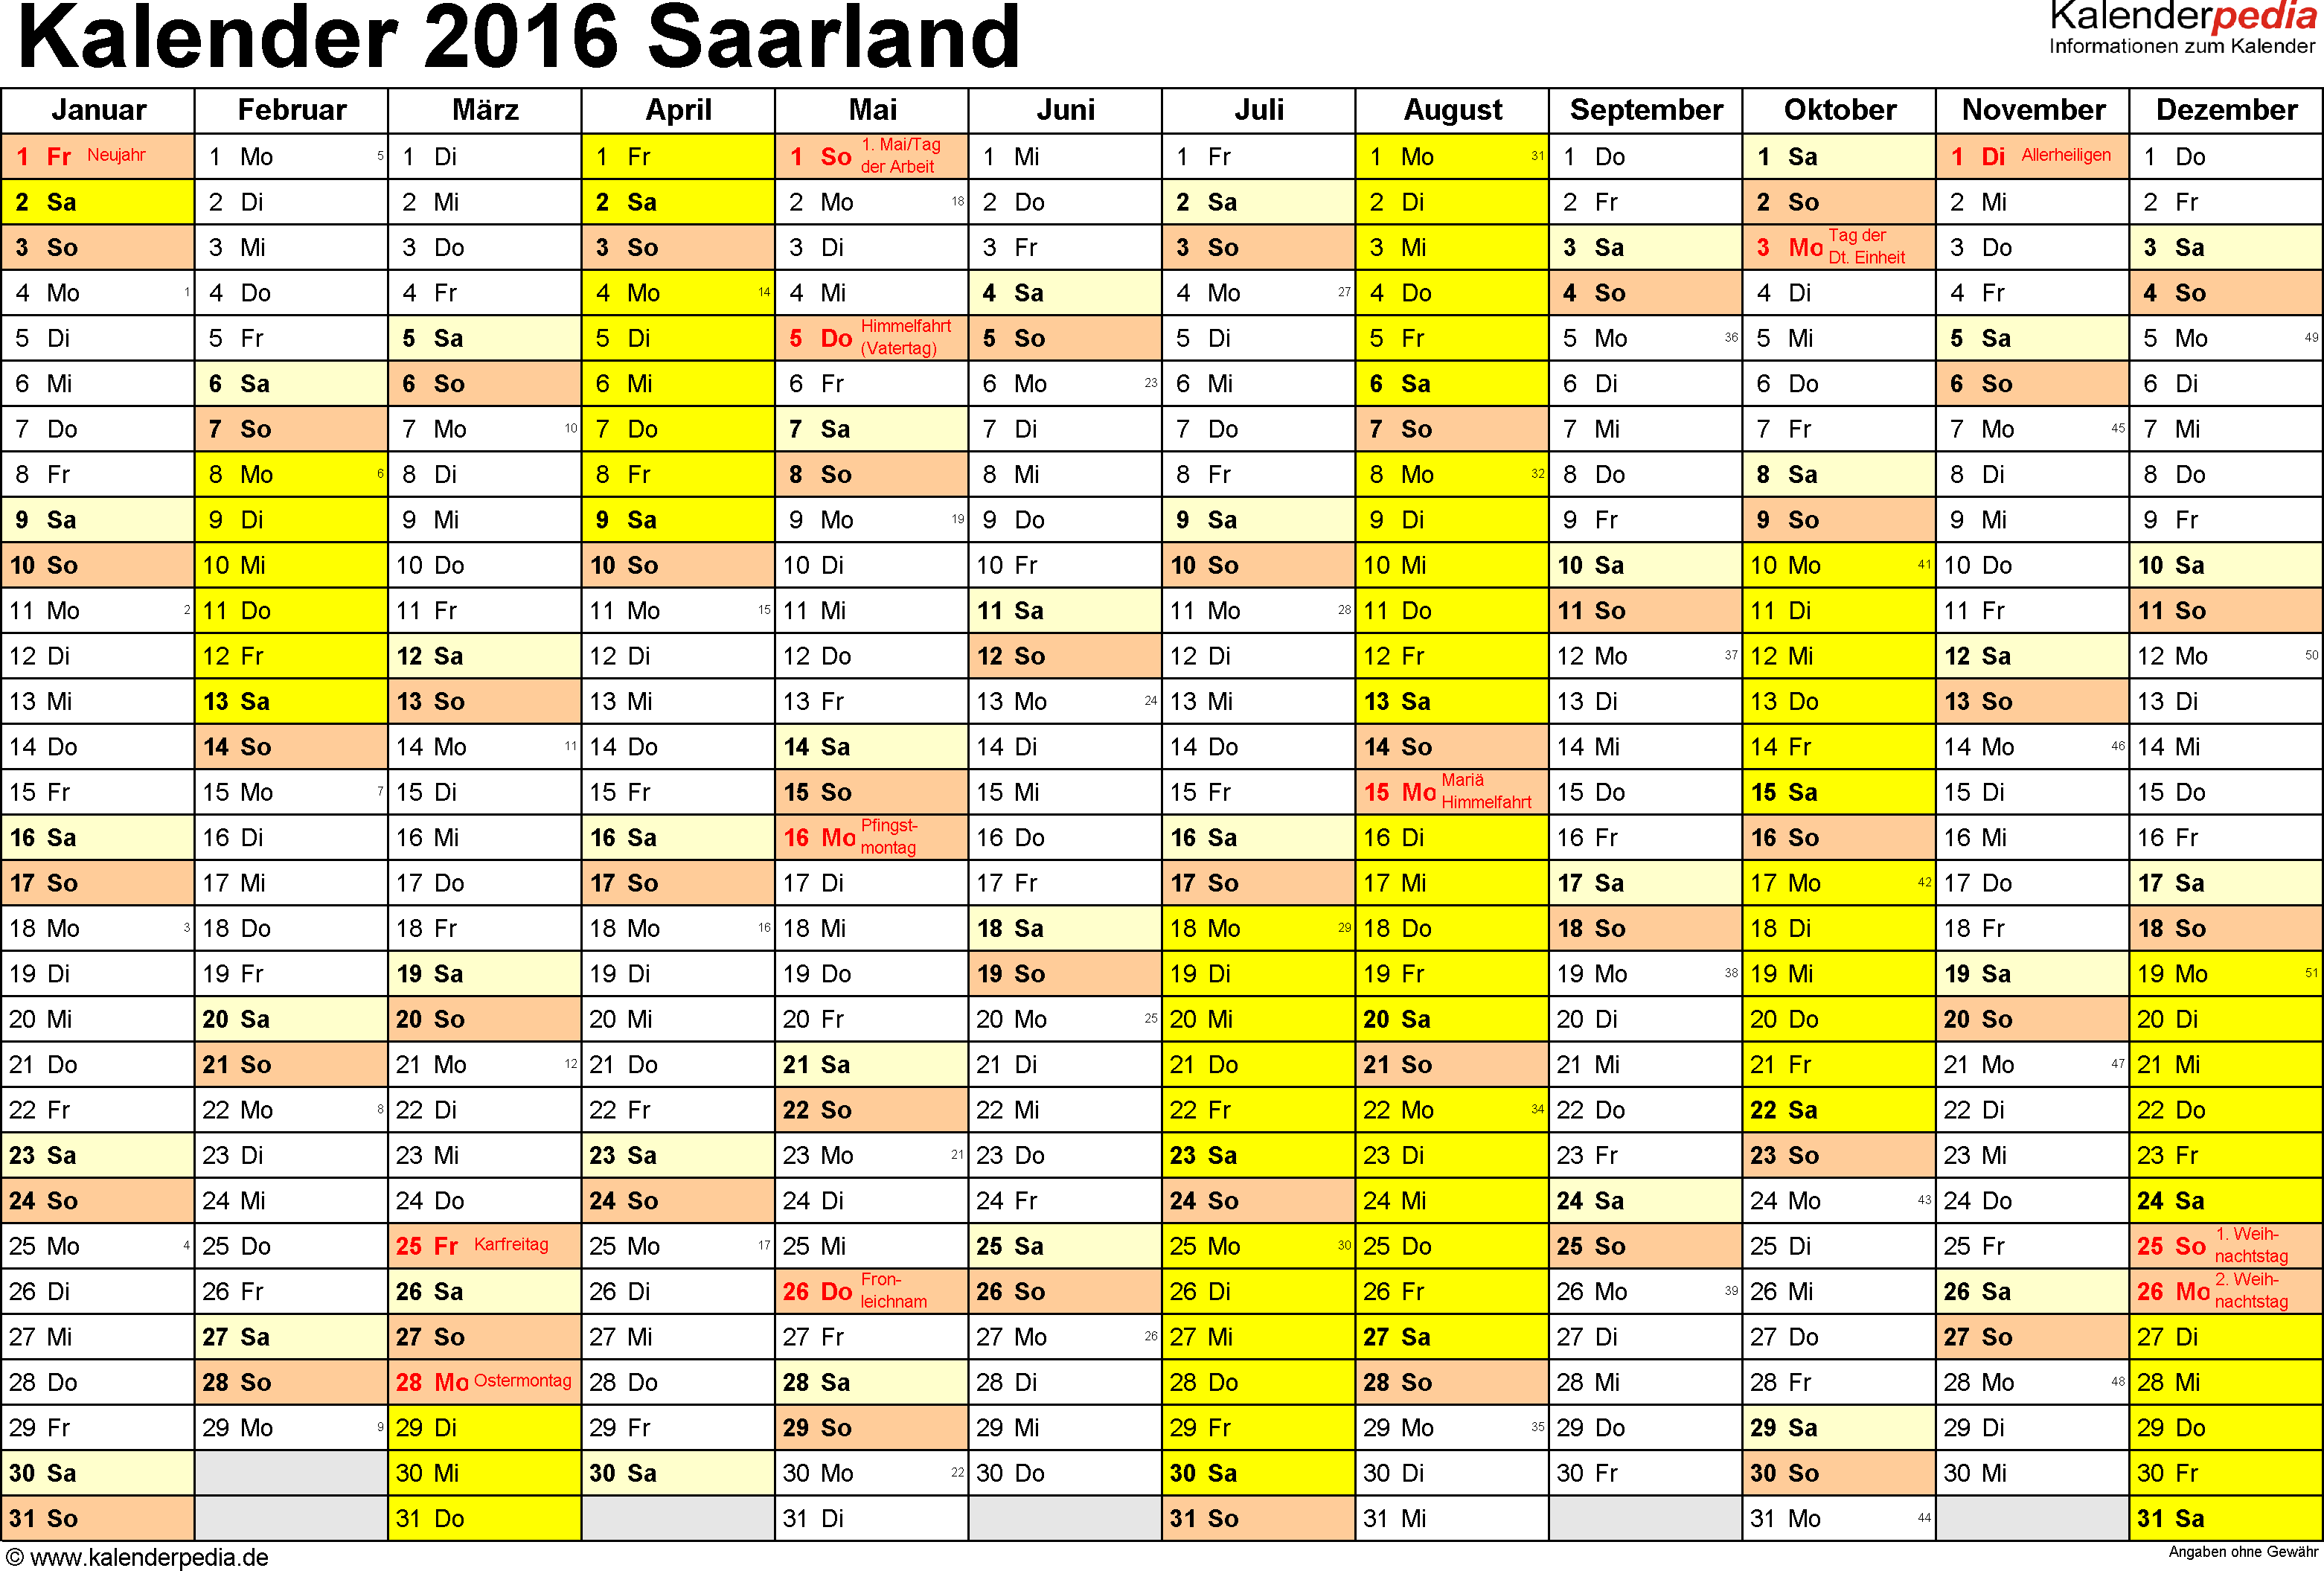 Vorlage 1: Kalender 2016 für Saarland als Excel-Vorlagen (Querformat, 1 Seite)